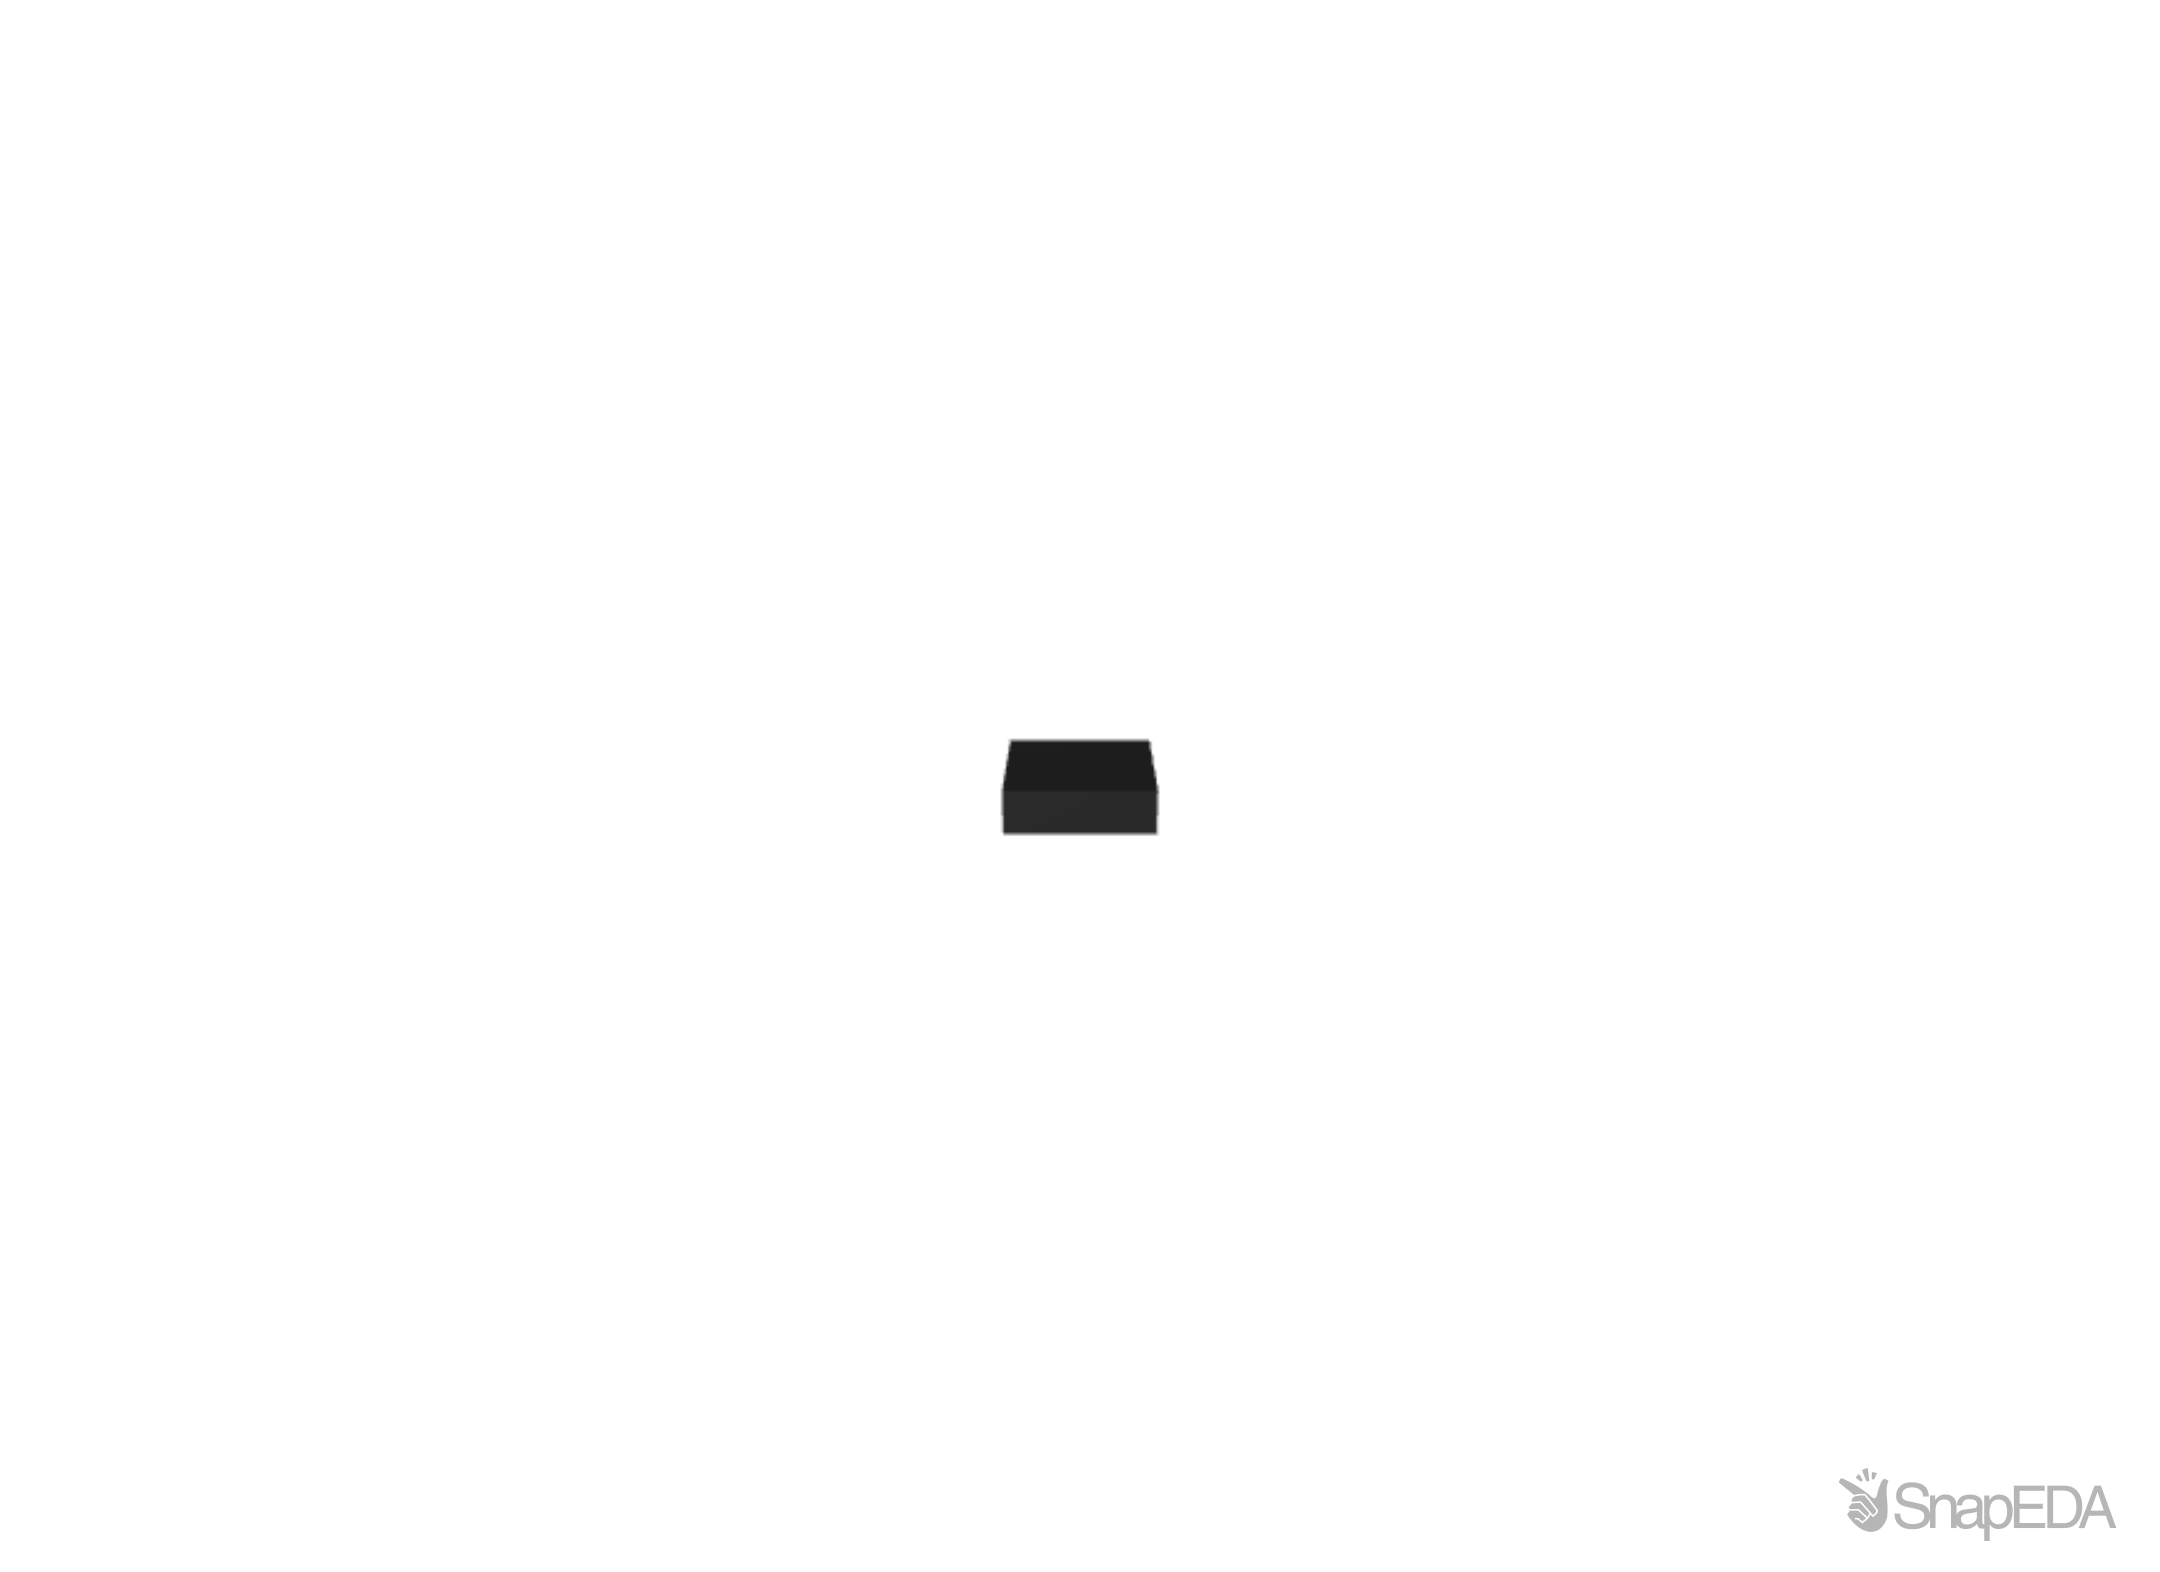 TPS7A9001DSKR 3D Model